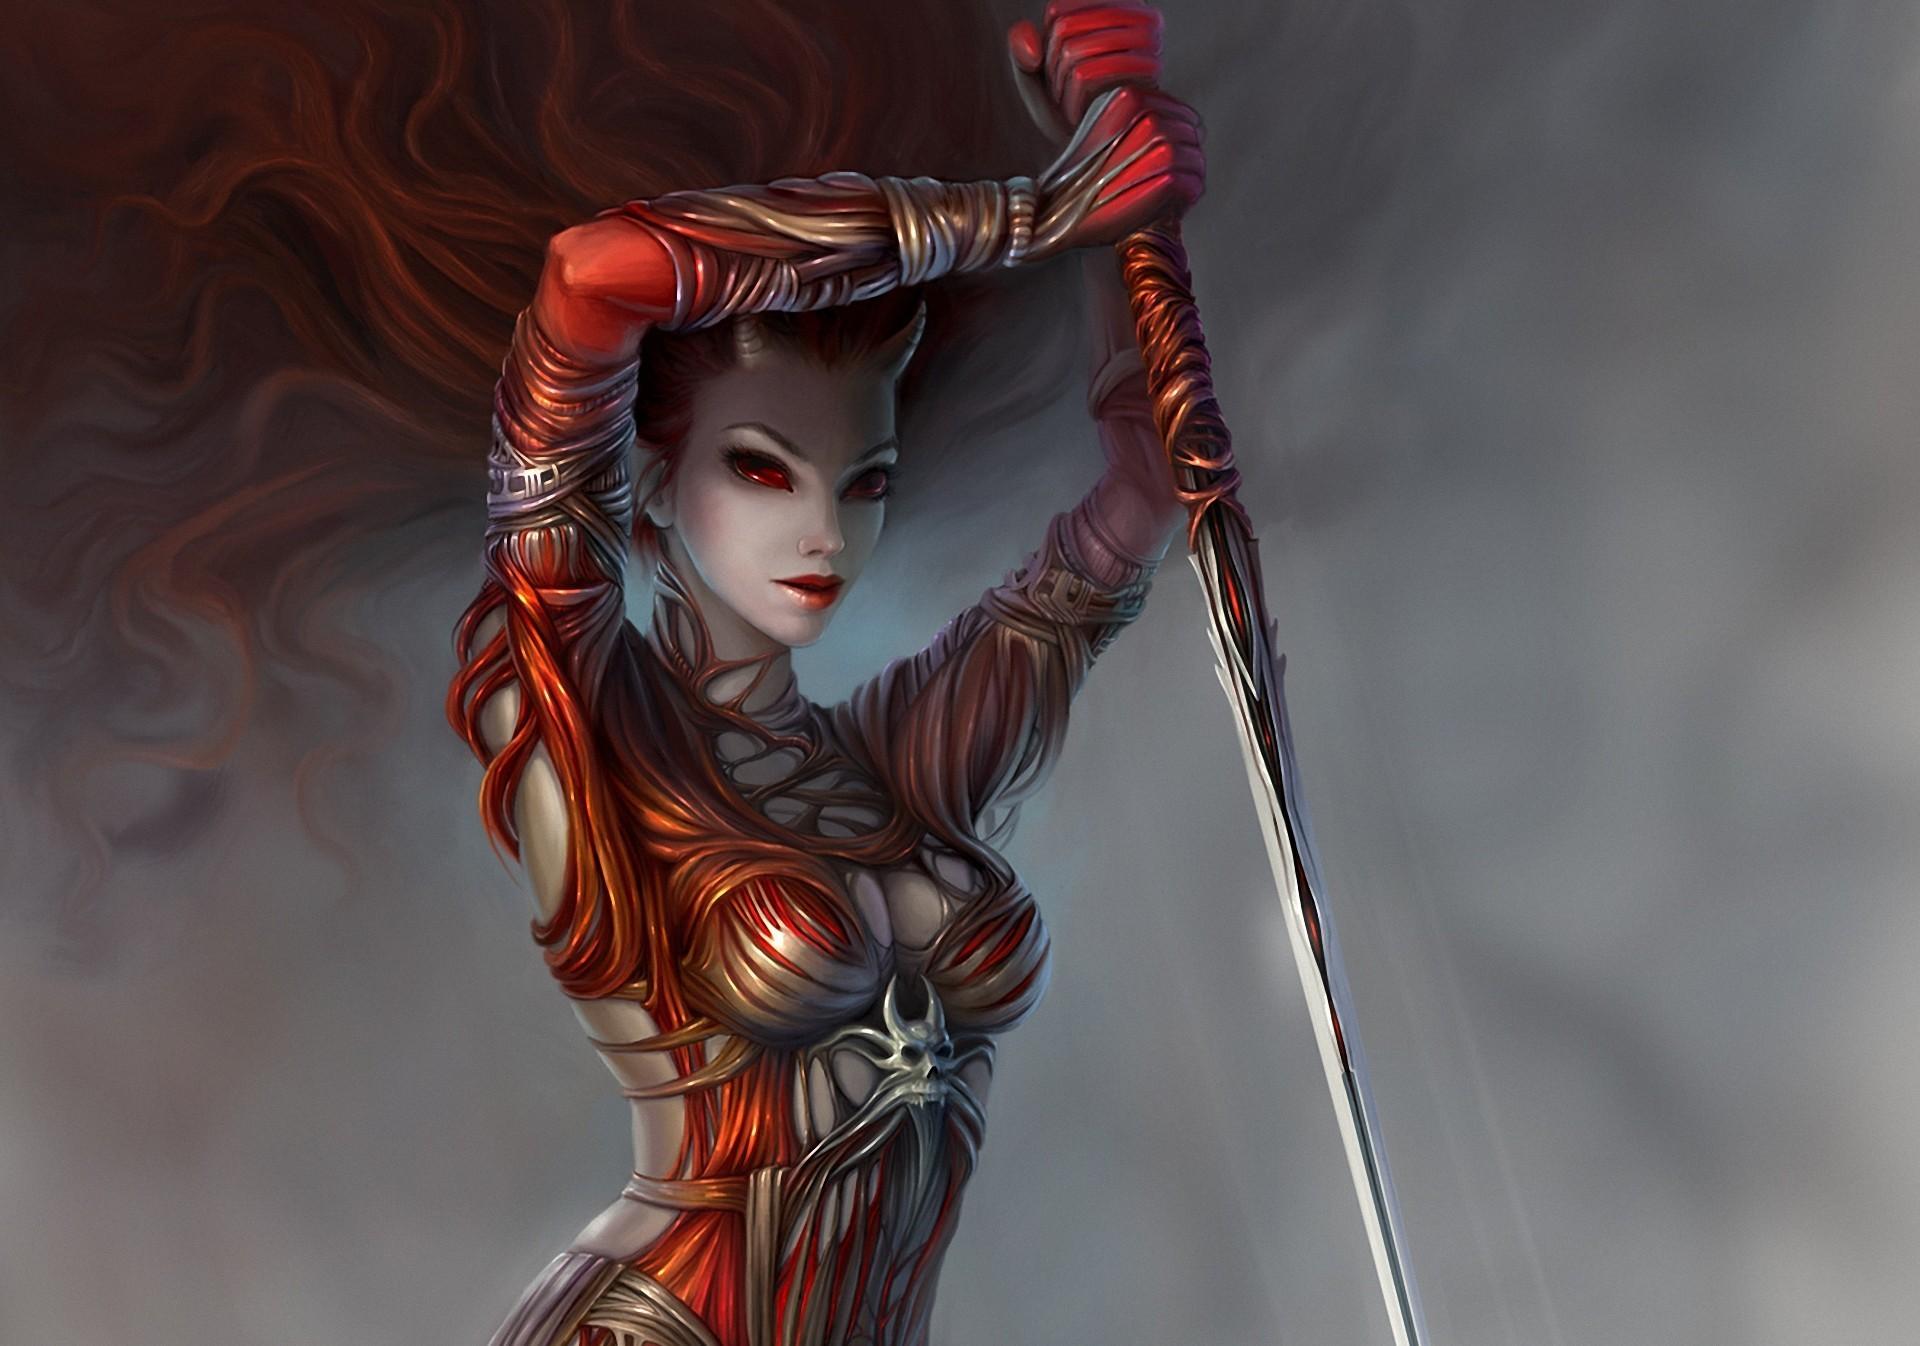 красные галаза, демон, фантастическое исскуство